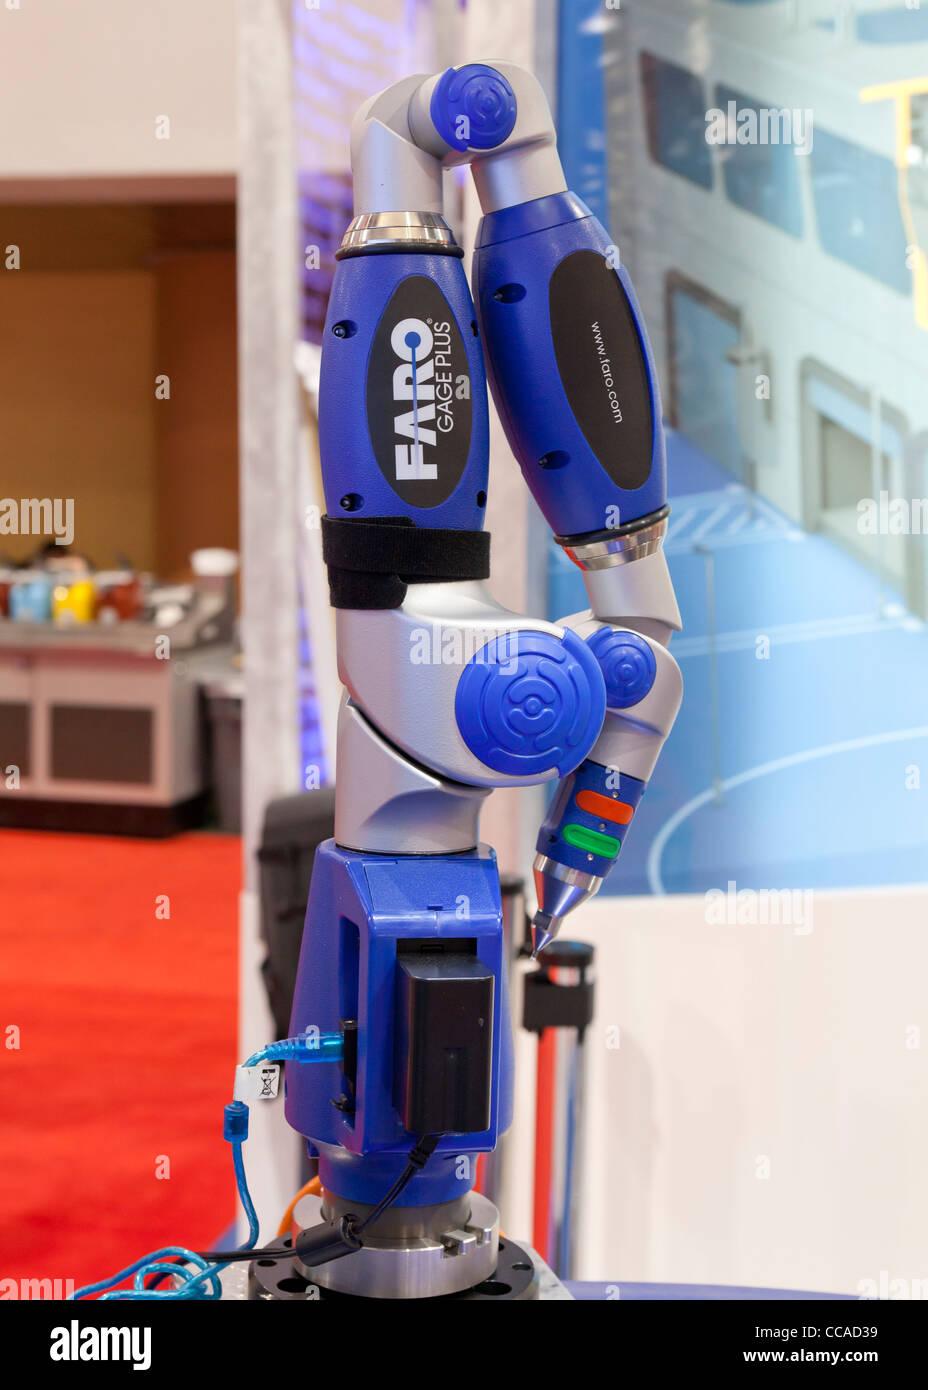 FARO Gage - Supporto portatile per la misura di precisione strumento per engineering Immagini Stock